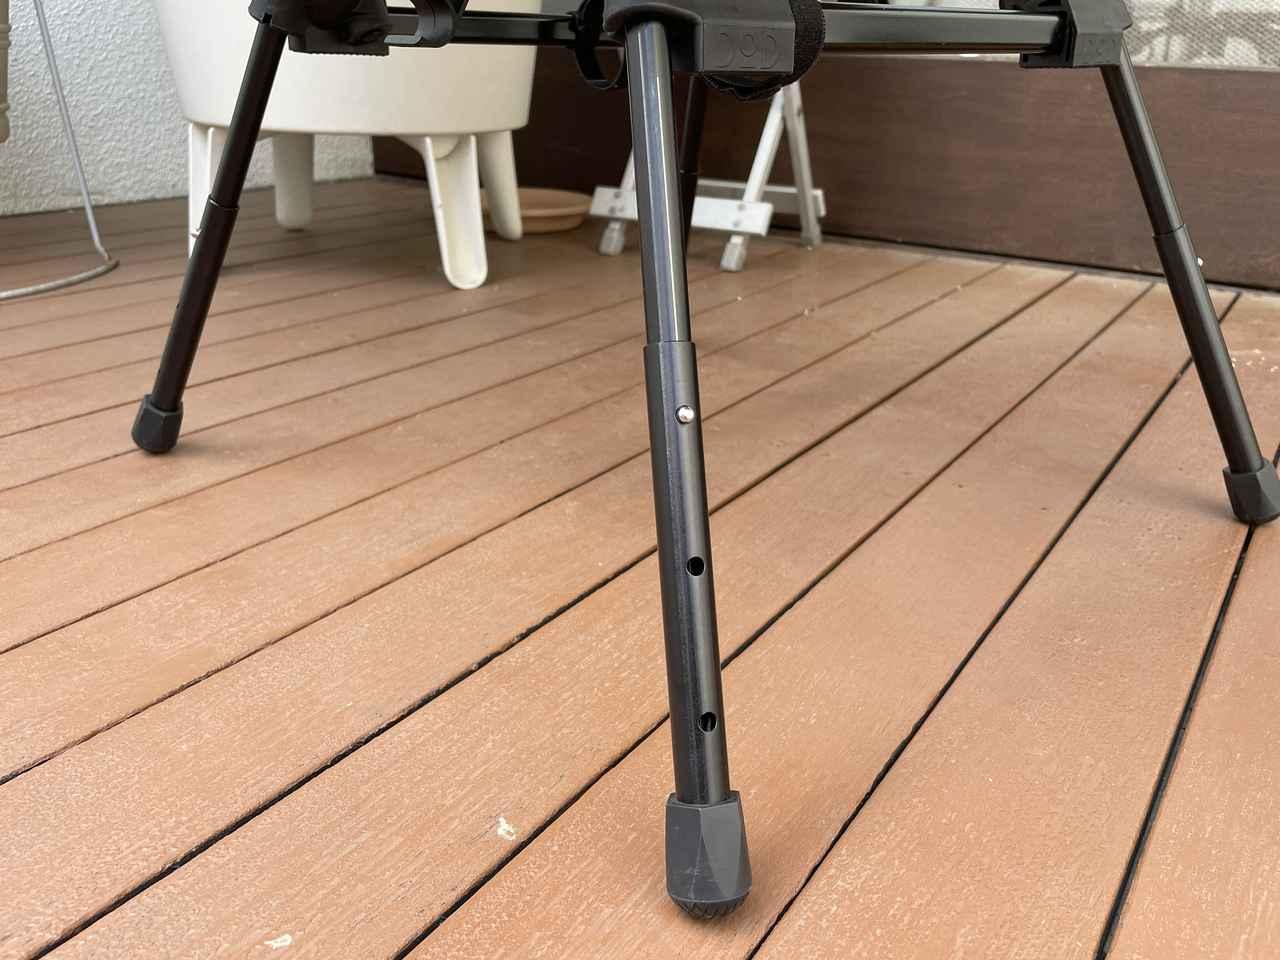 画像: 筆者撮影:チェアの脚には3段階の高さ調節用の穴があり、「最も低いモード」は脚を全て折りたたむ